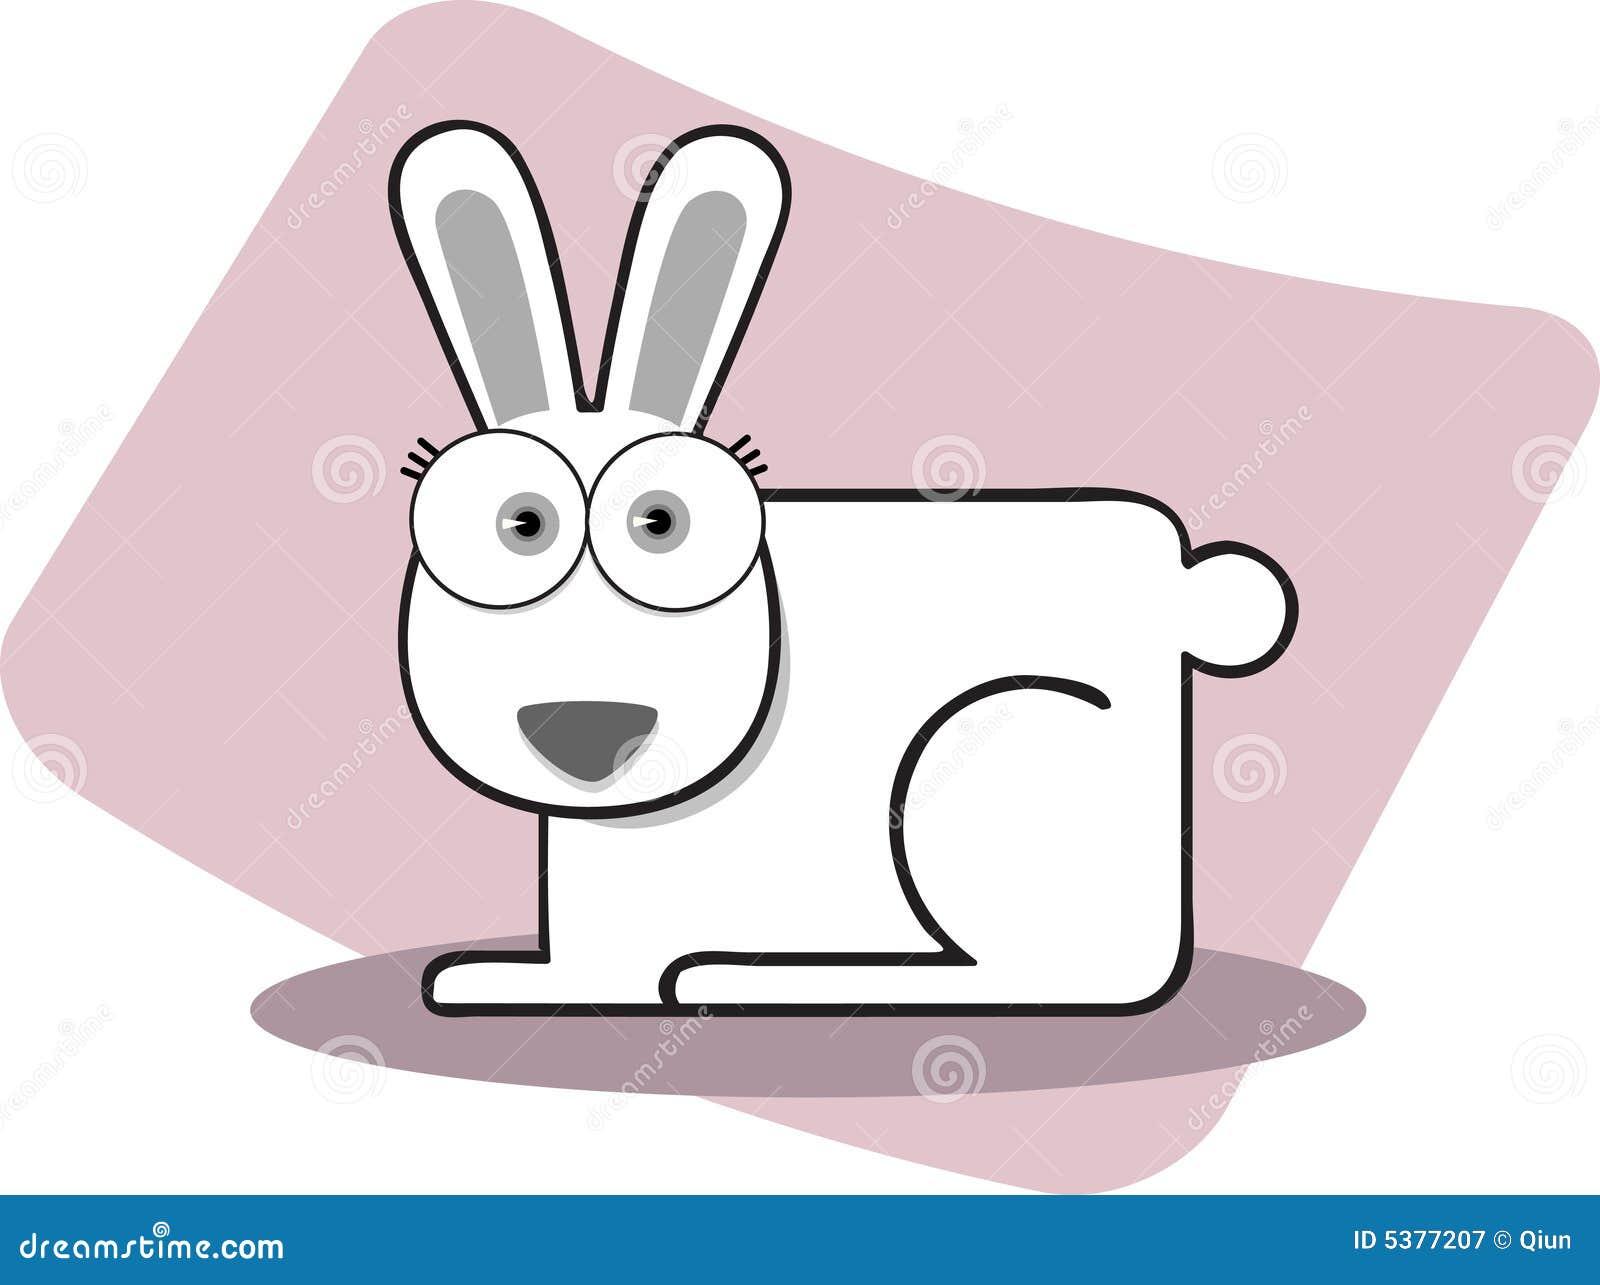 Cartoon rabbit black and white